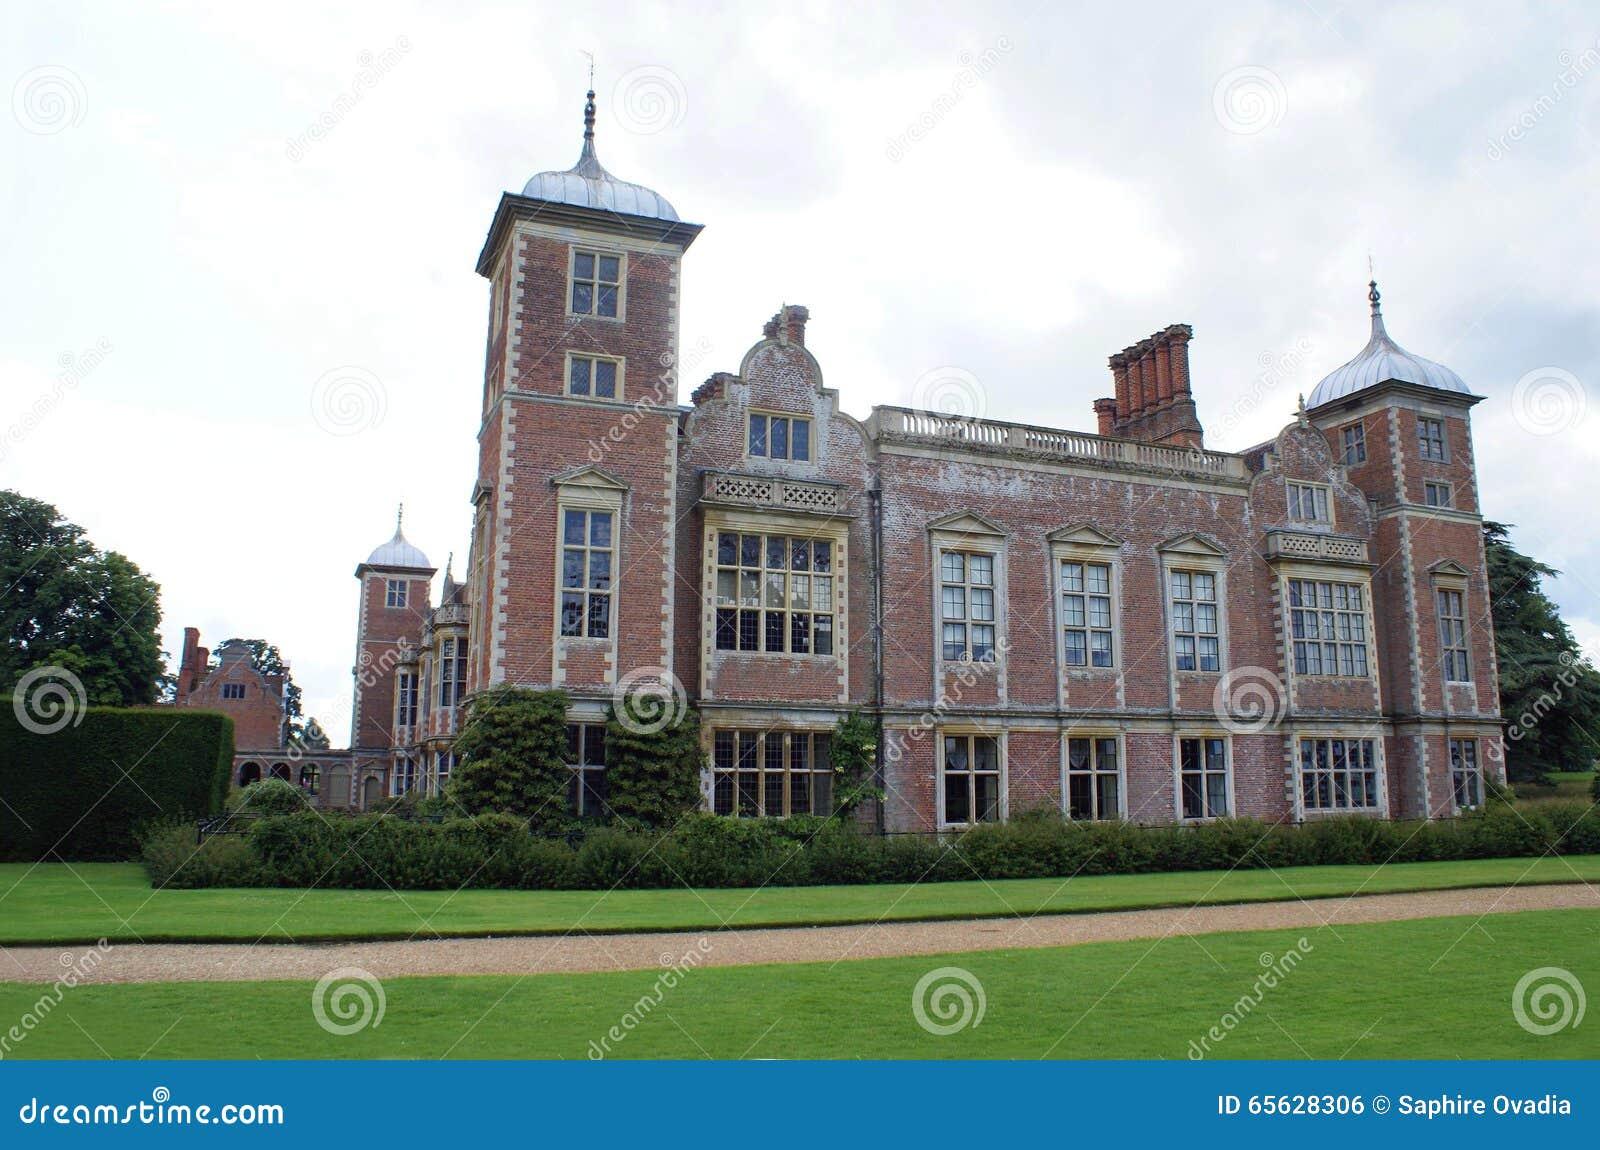 Façade fleurie avec les tours, les fenêtres en saillie, et les cheminées voûtées